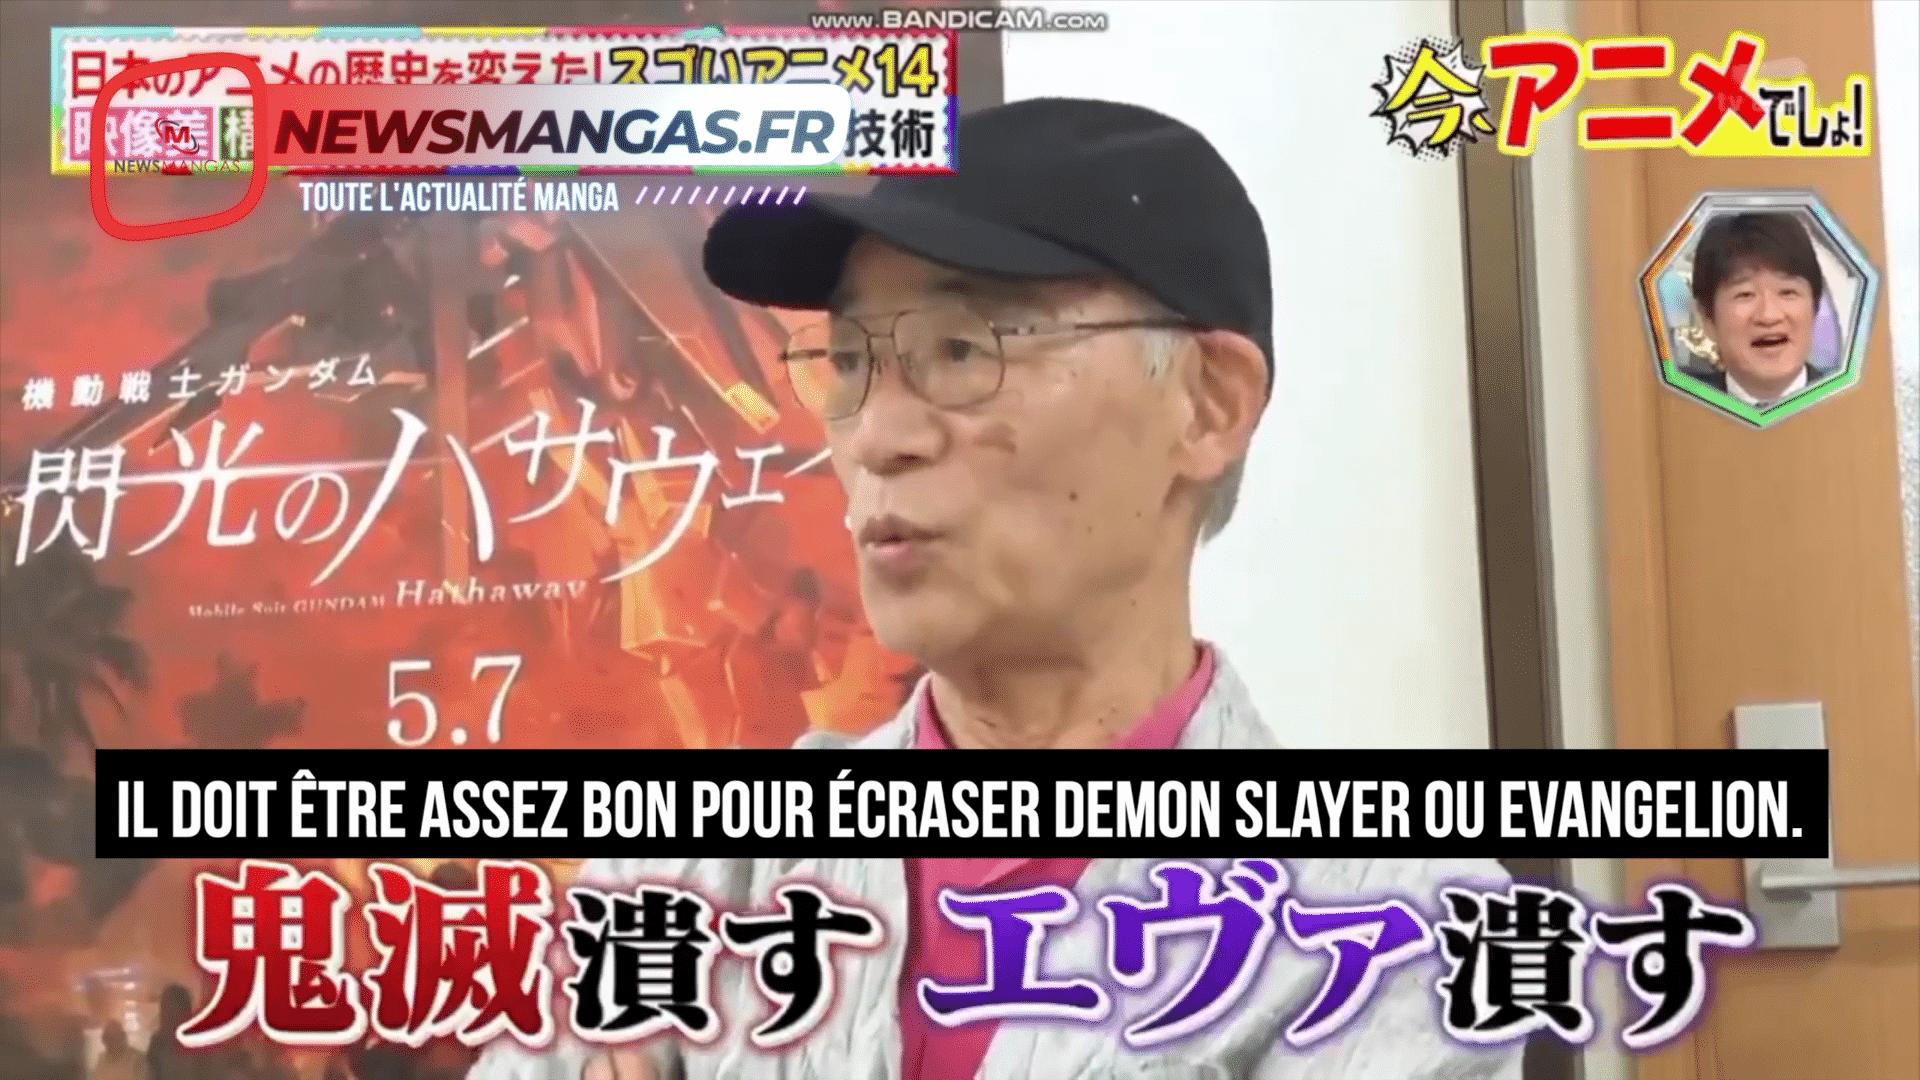 Le créateur de Gundam veux détruire Kimetsu no Yaiba et Evangelion? 2